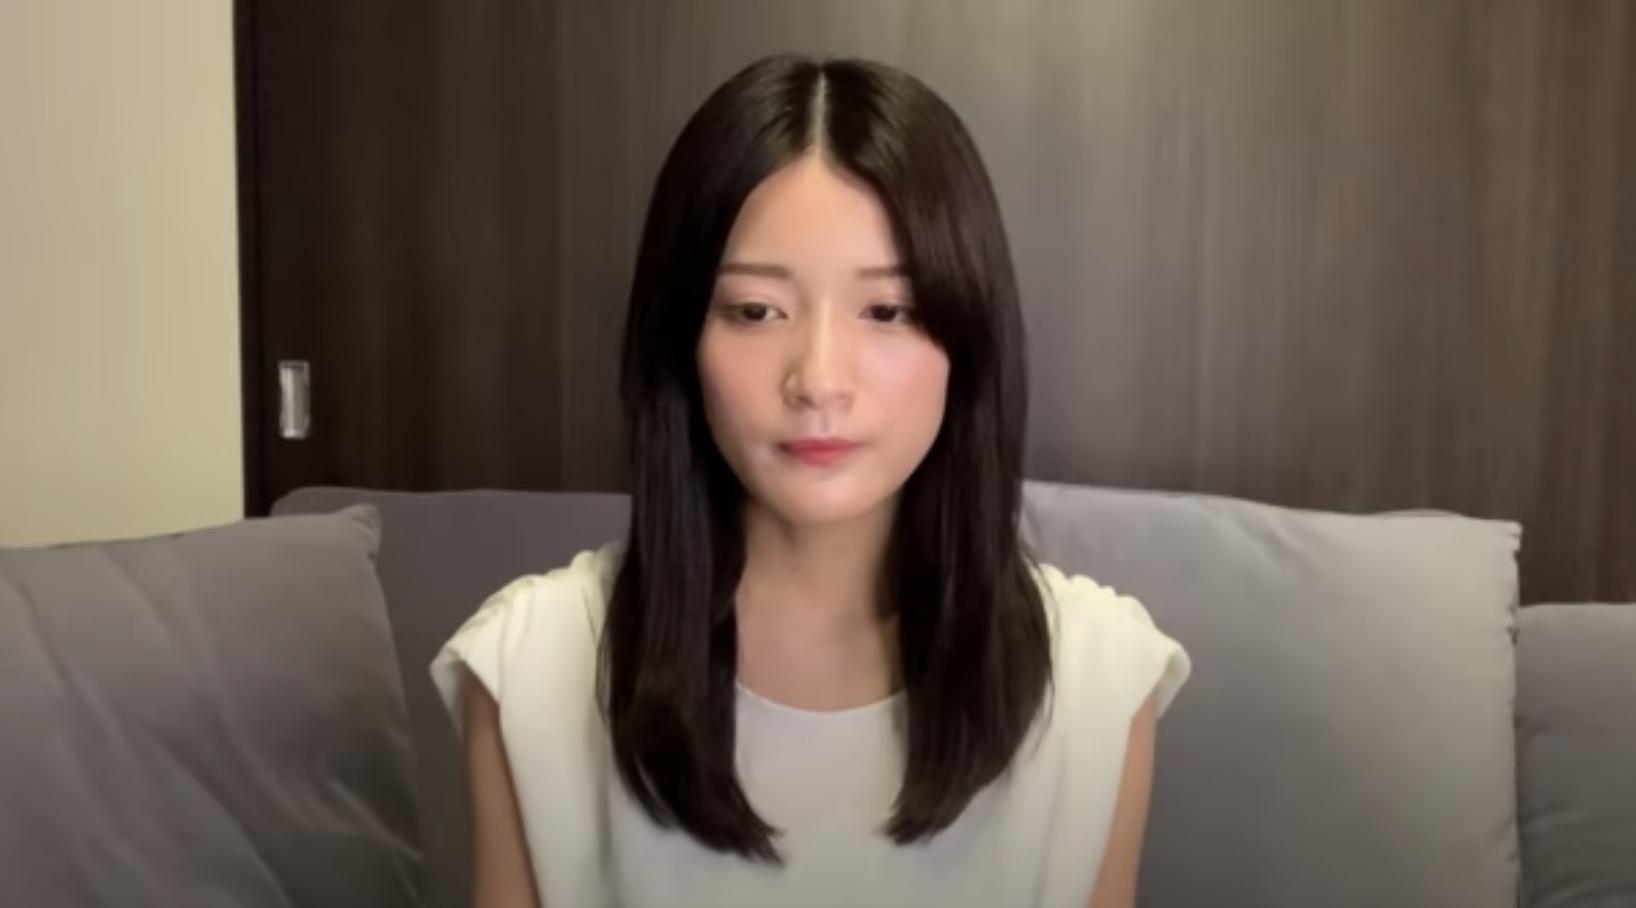 元欅坂46・織田奈那 YouTubeに過去の熱愛スキャンダルを認めて謝罪動画を投稿に関する画像